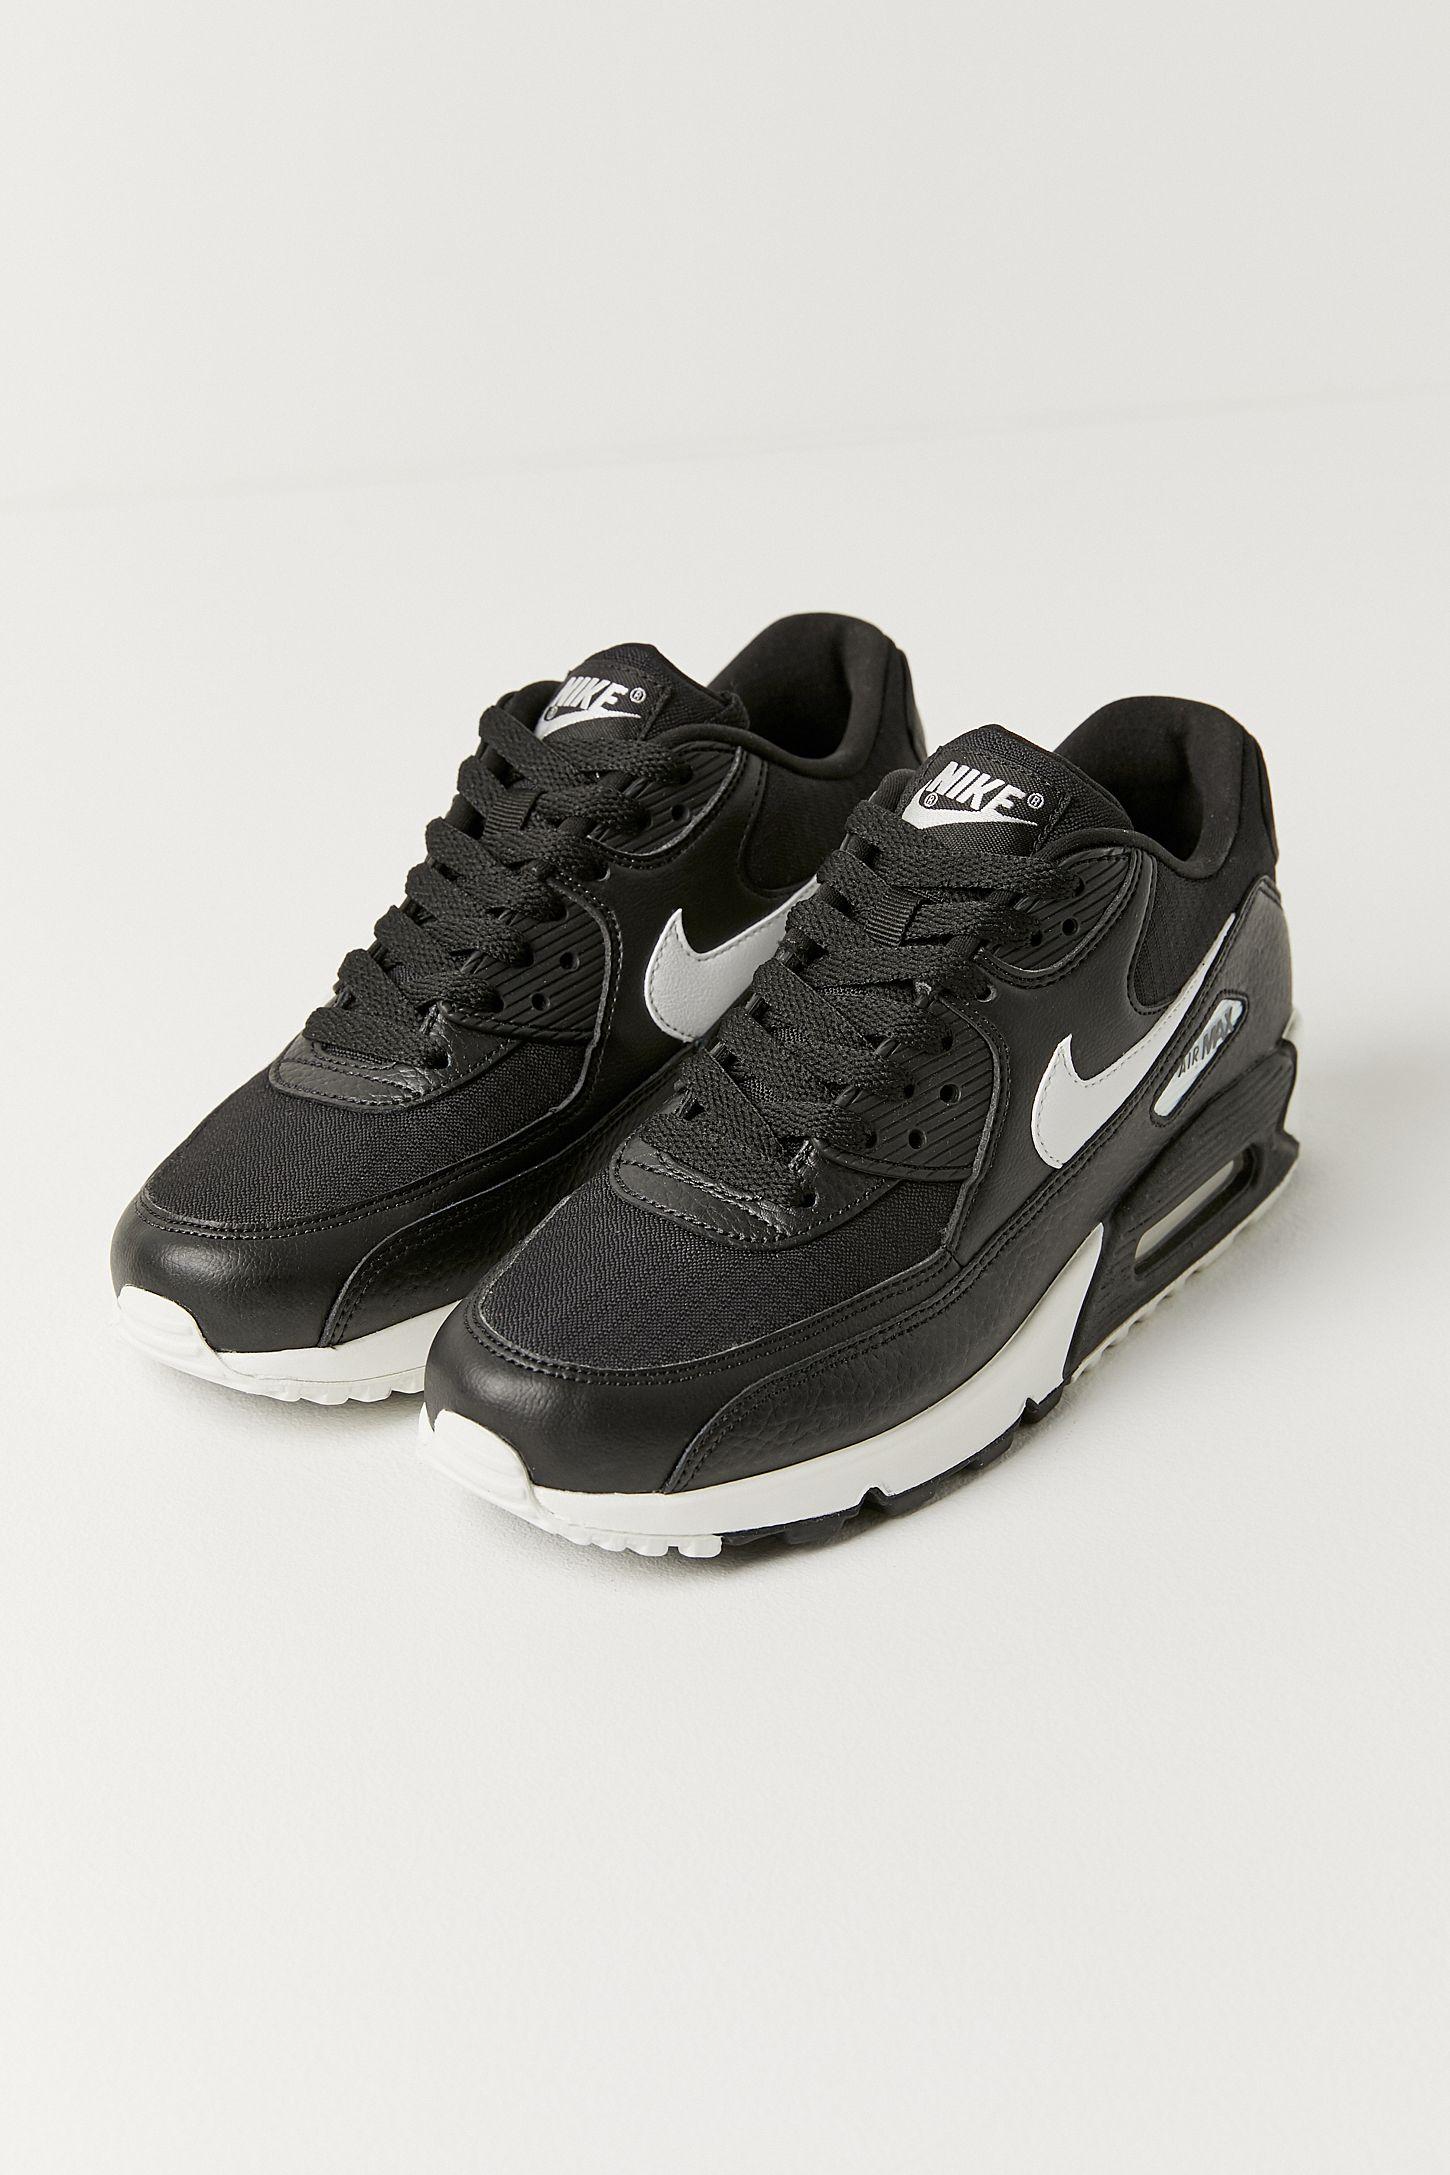 acheter en ligne 0e5b3 7684f Nike Air Max 90 Sneaker